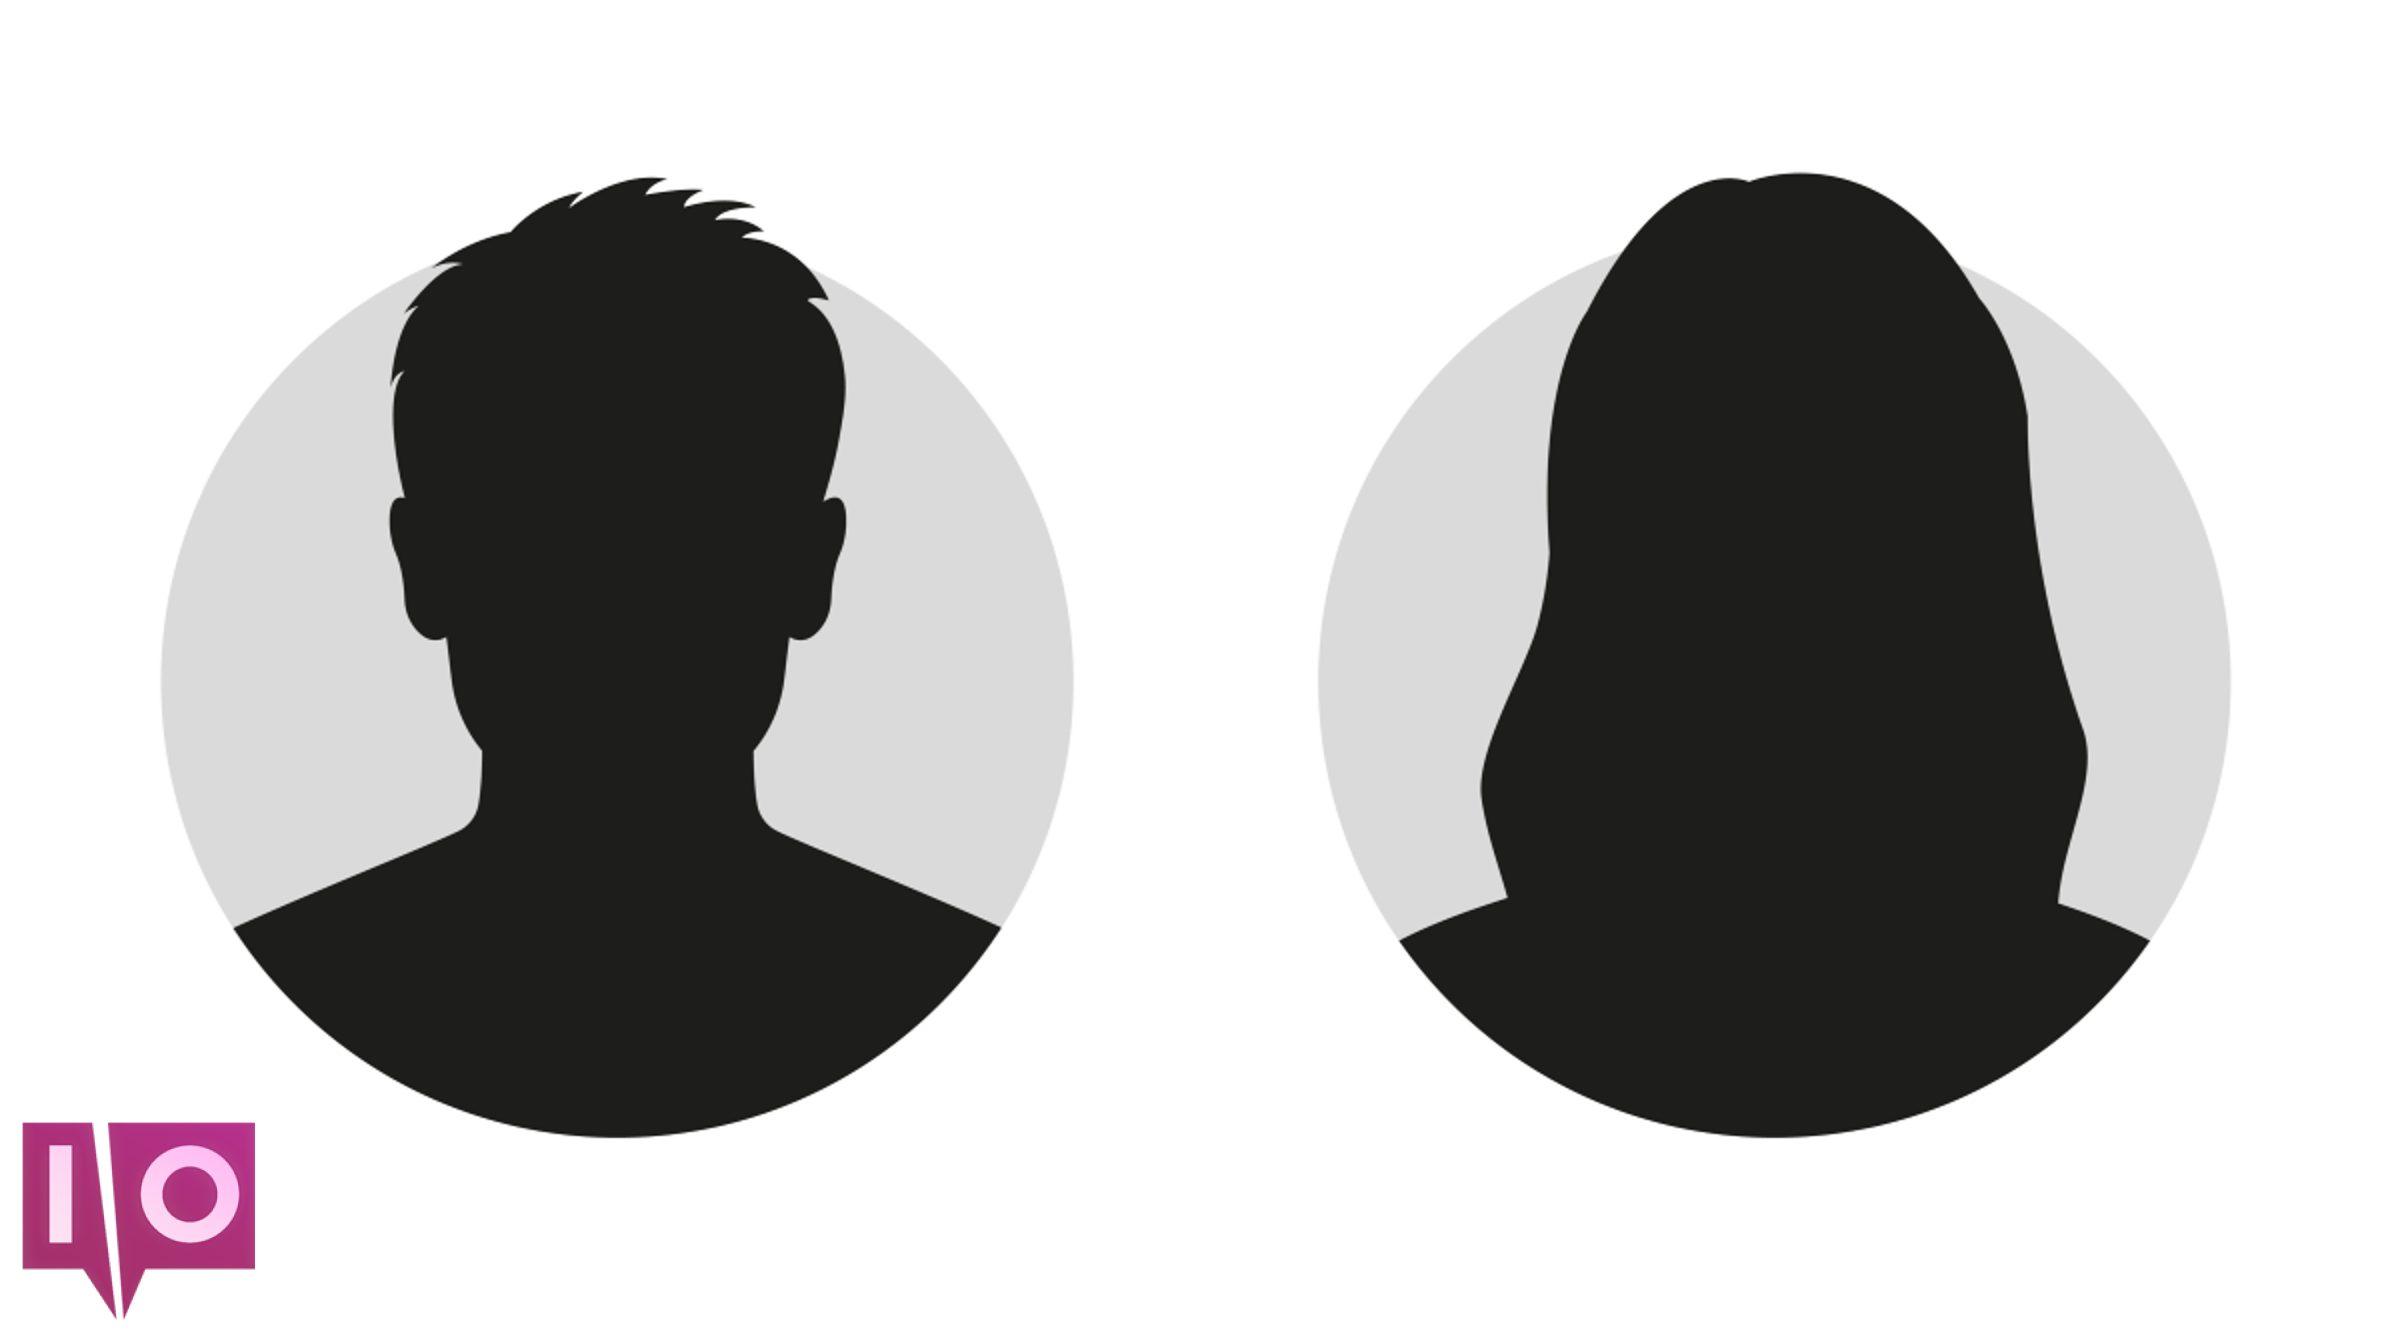 Anonym facebook profilbild Frauen auf